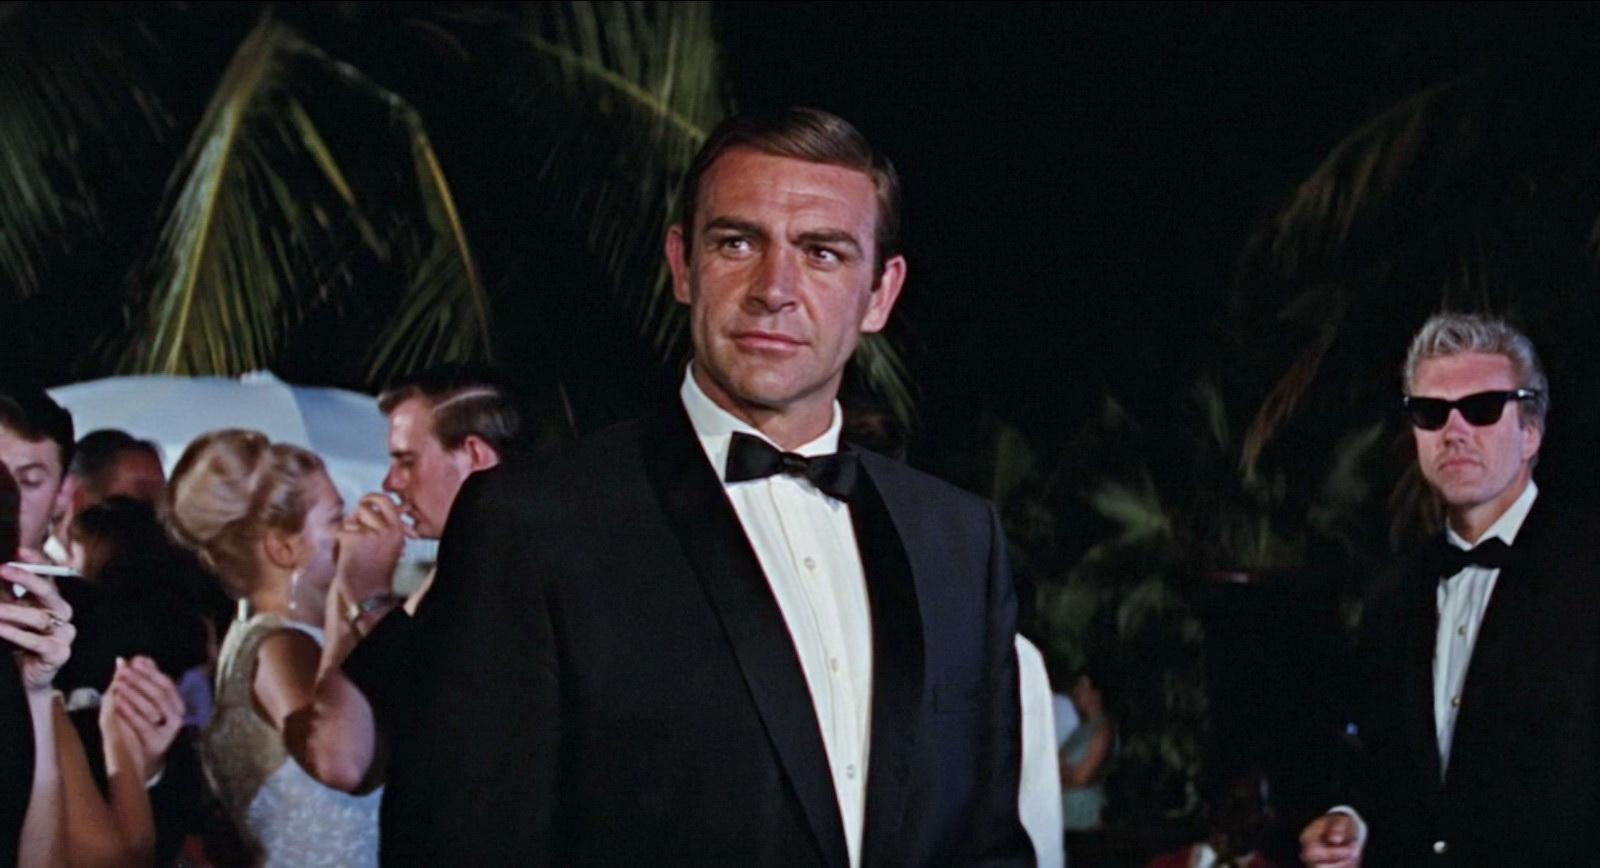 Sean Connery James Bond Suit